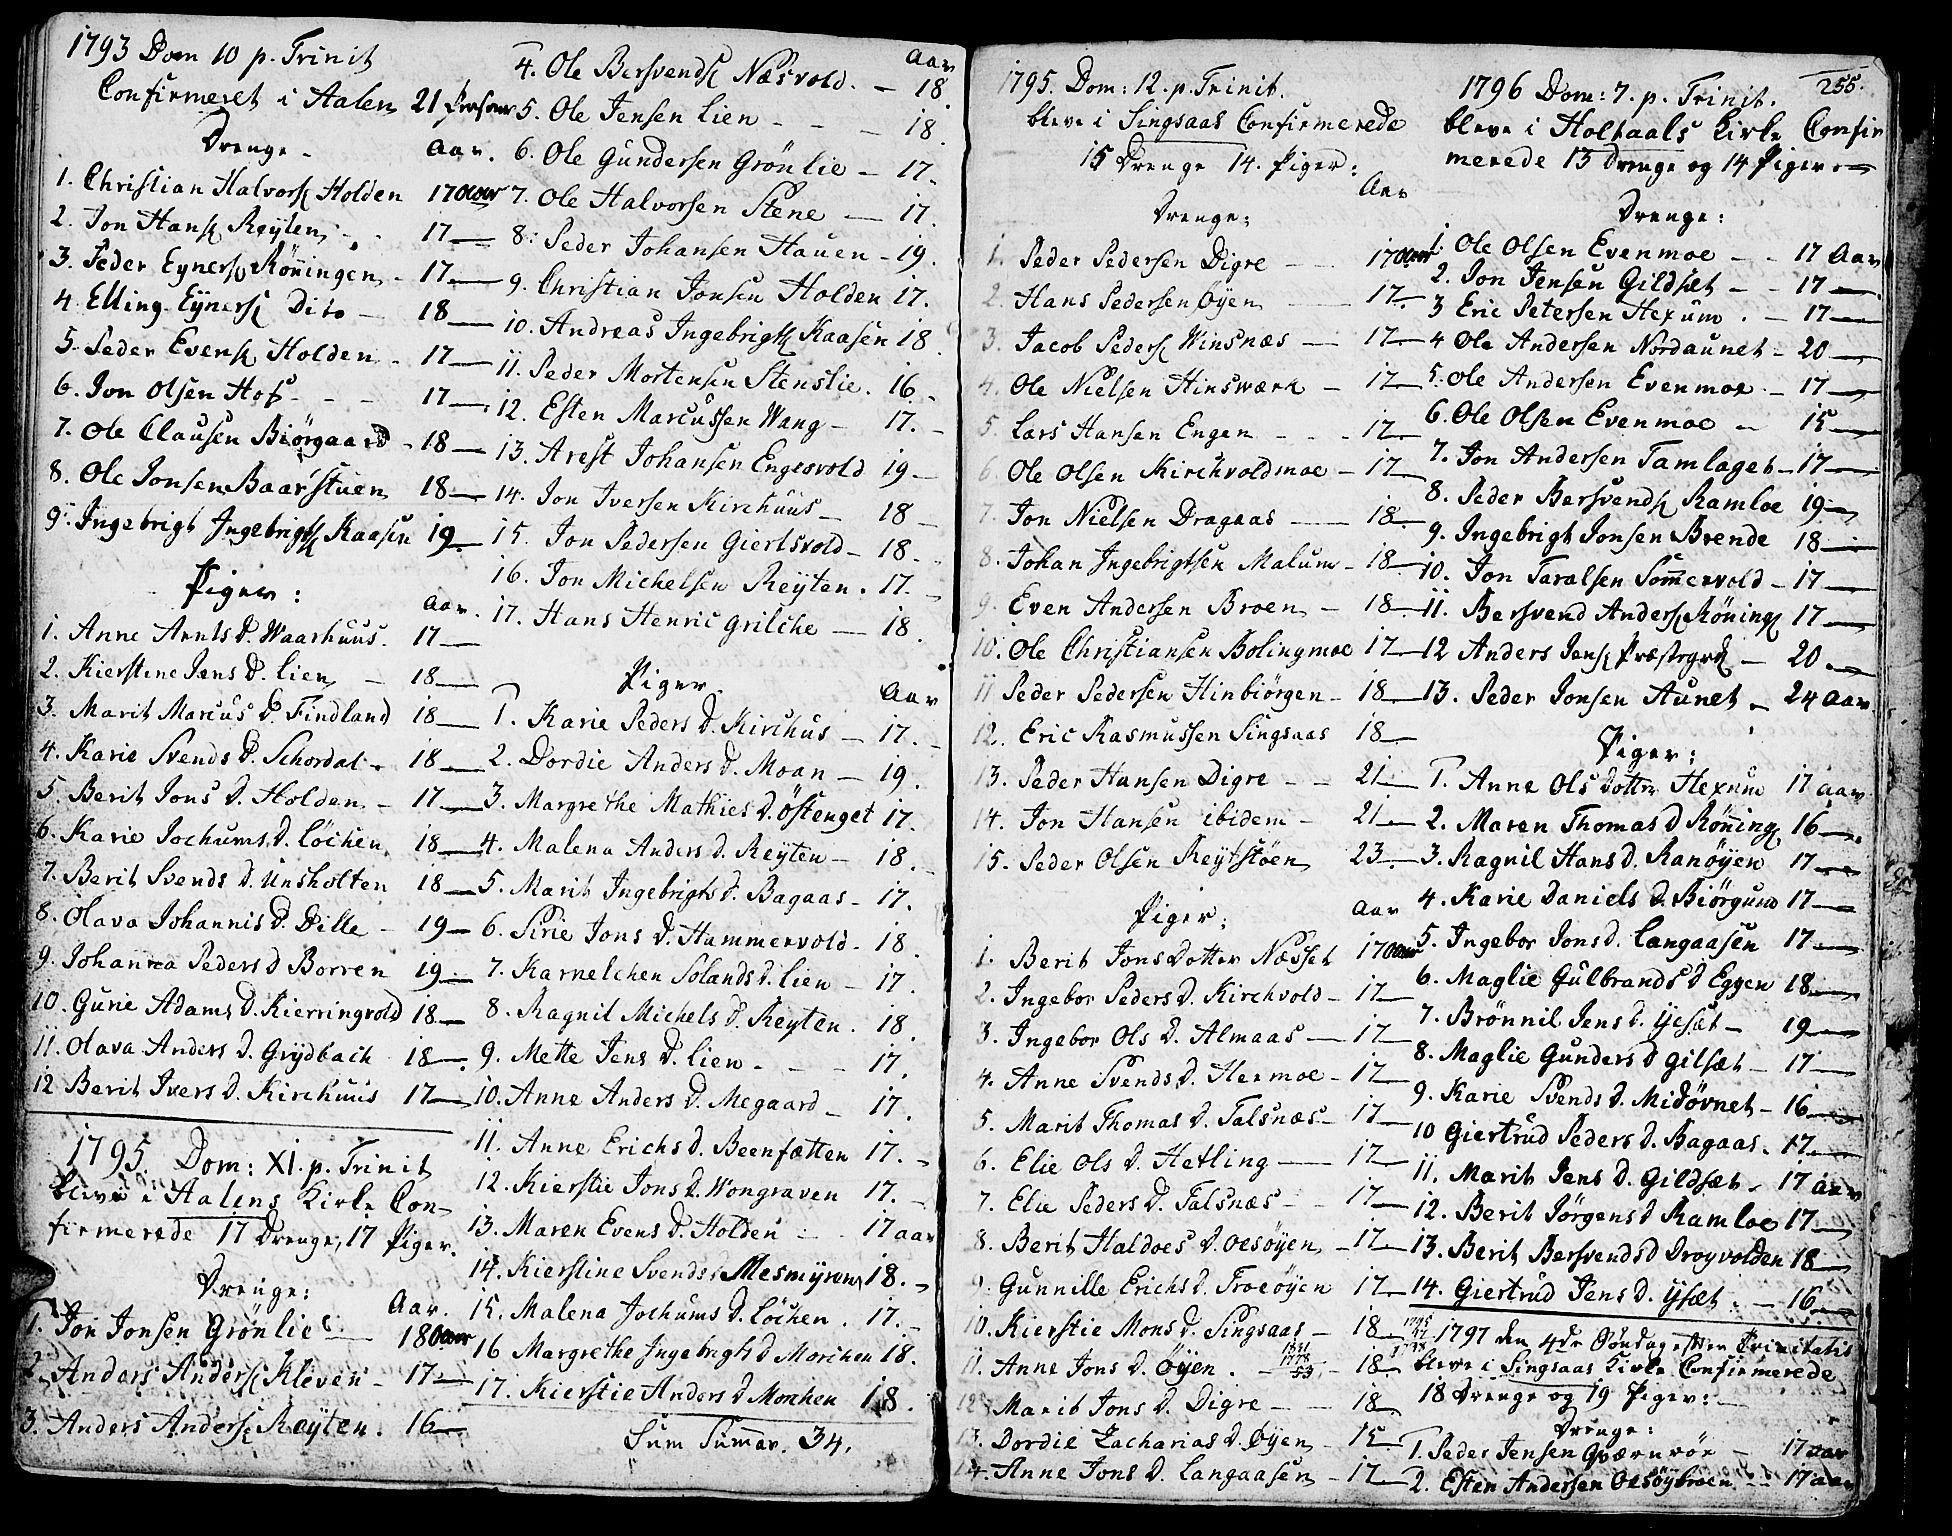 SAT, Ministerialprotokoller, klokkerbøker og fødselsregistre - Sør-Trøndelag, 685/L0952: Ministerialbok nr. 685A01, 1745-1804, s. 255